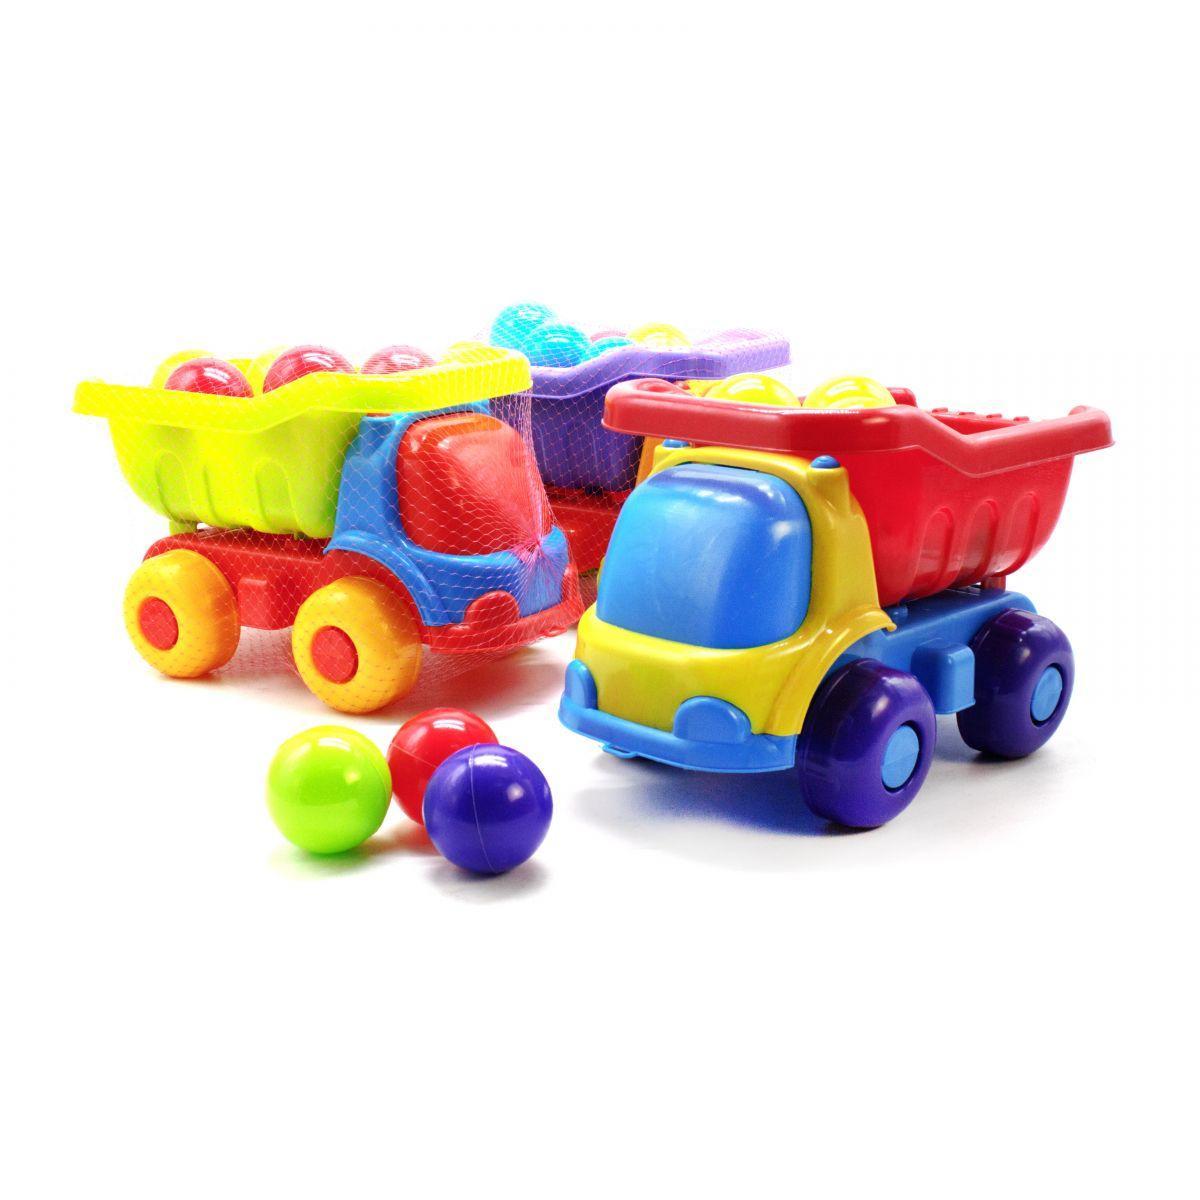 """Машинка пластиковая """"Шмелек"""" с 12 шариками KW-07-720-4"""